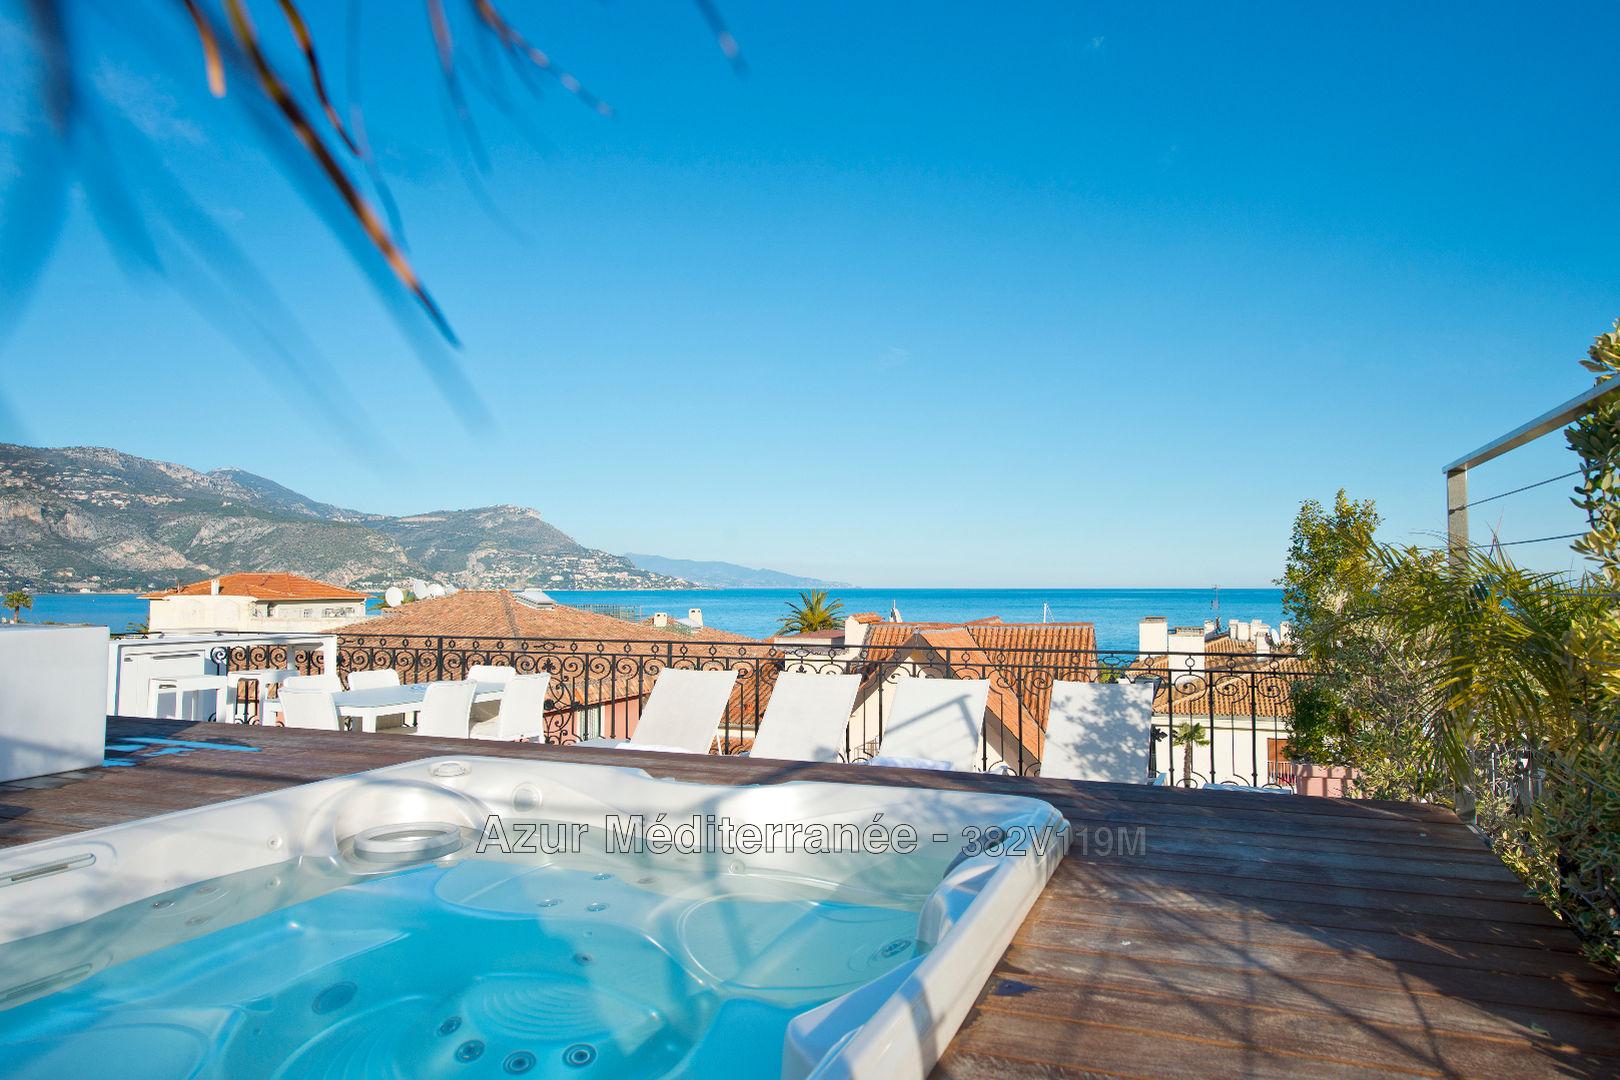 Photos Immobilier de luxe sur la Côte d'Azur: Villas à vendre sur Saint-Jean-Cap-Ferrat 06230